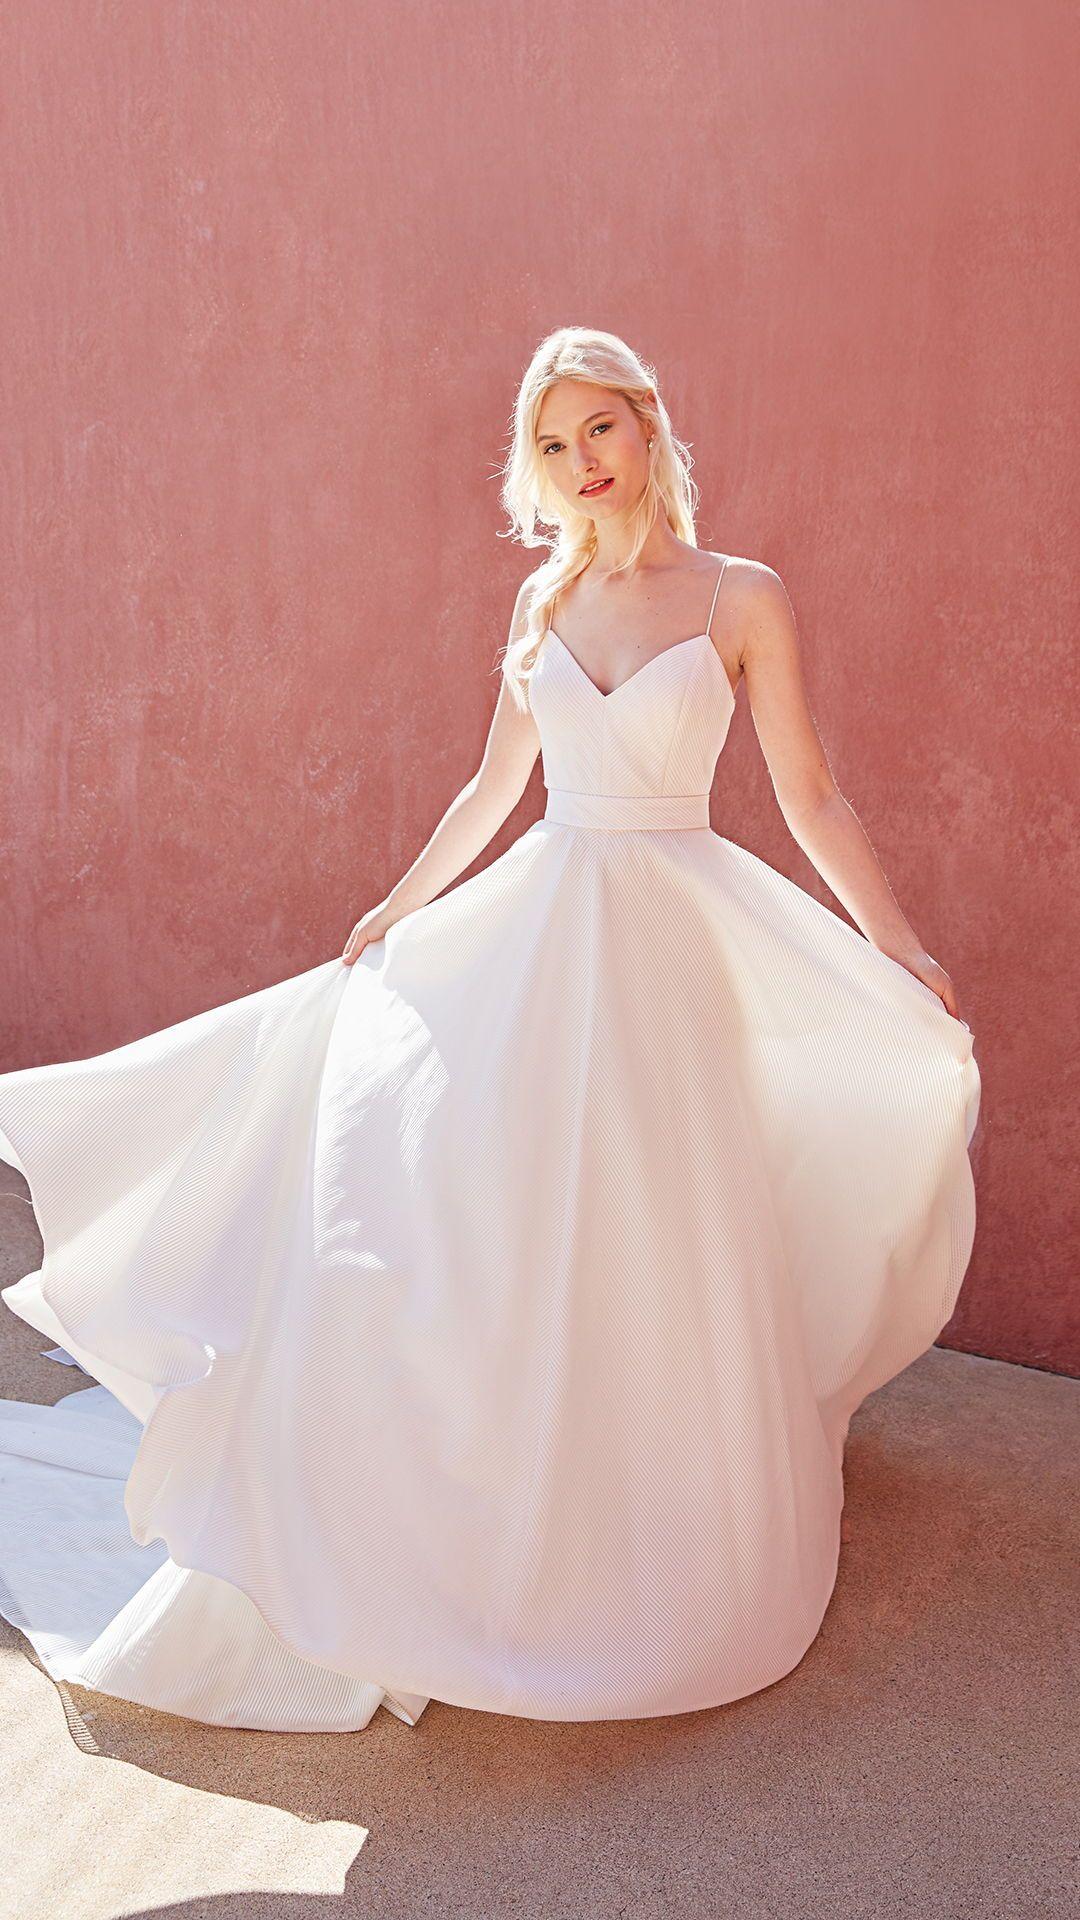 Pin de Emma Gordon en Wedding | Pinterest | Vestidos de noche, Noche ...